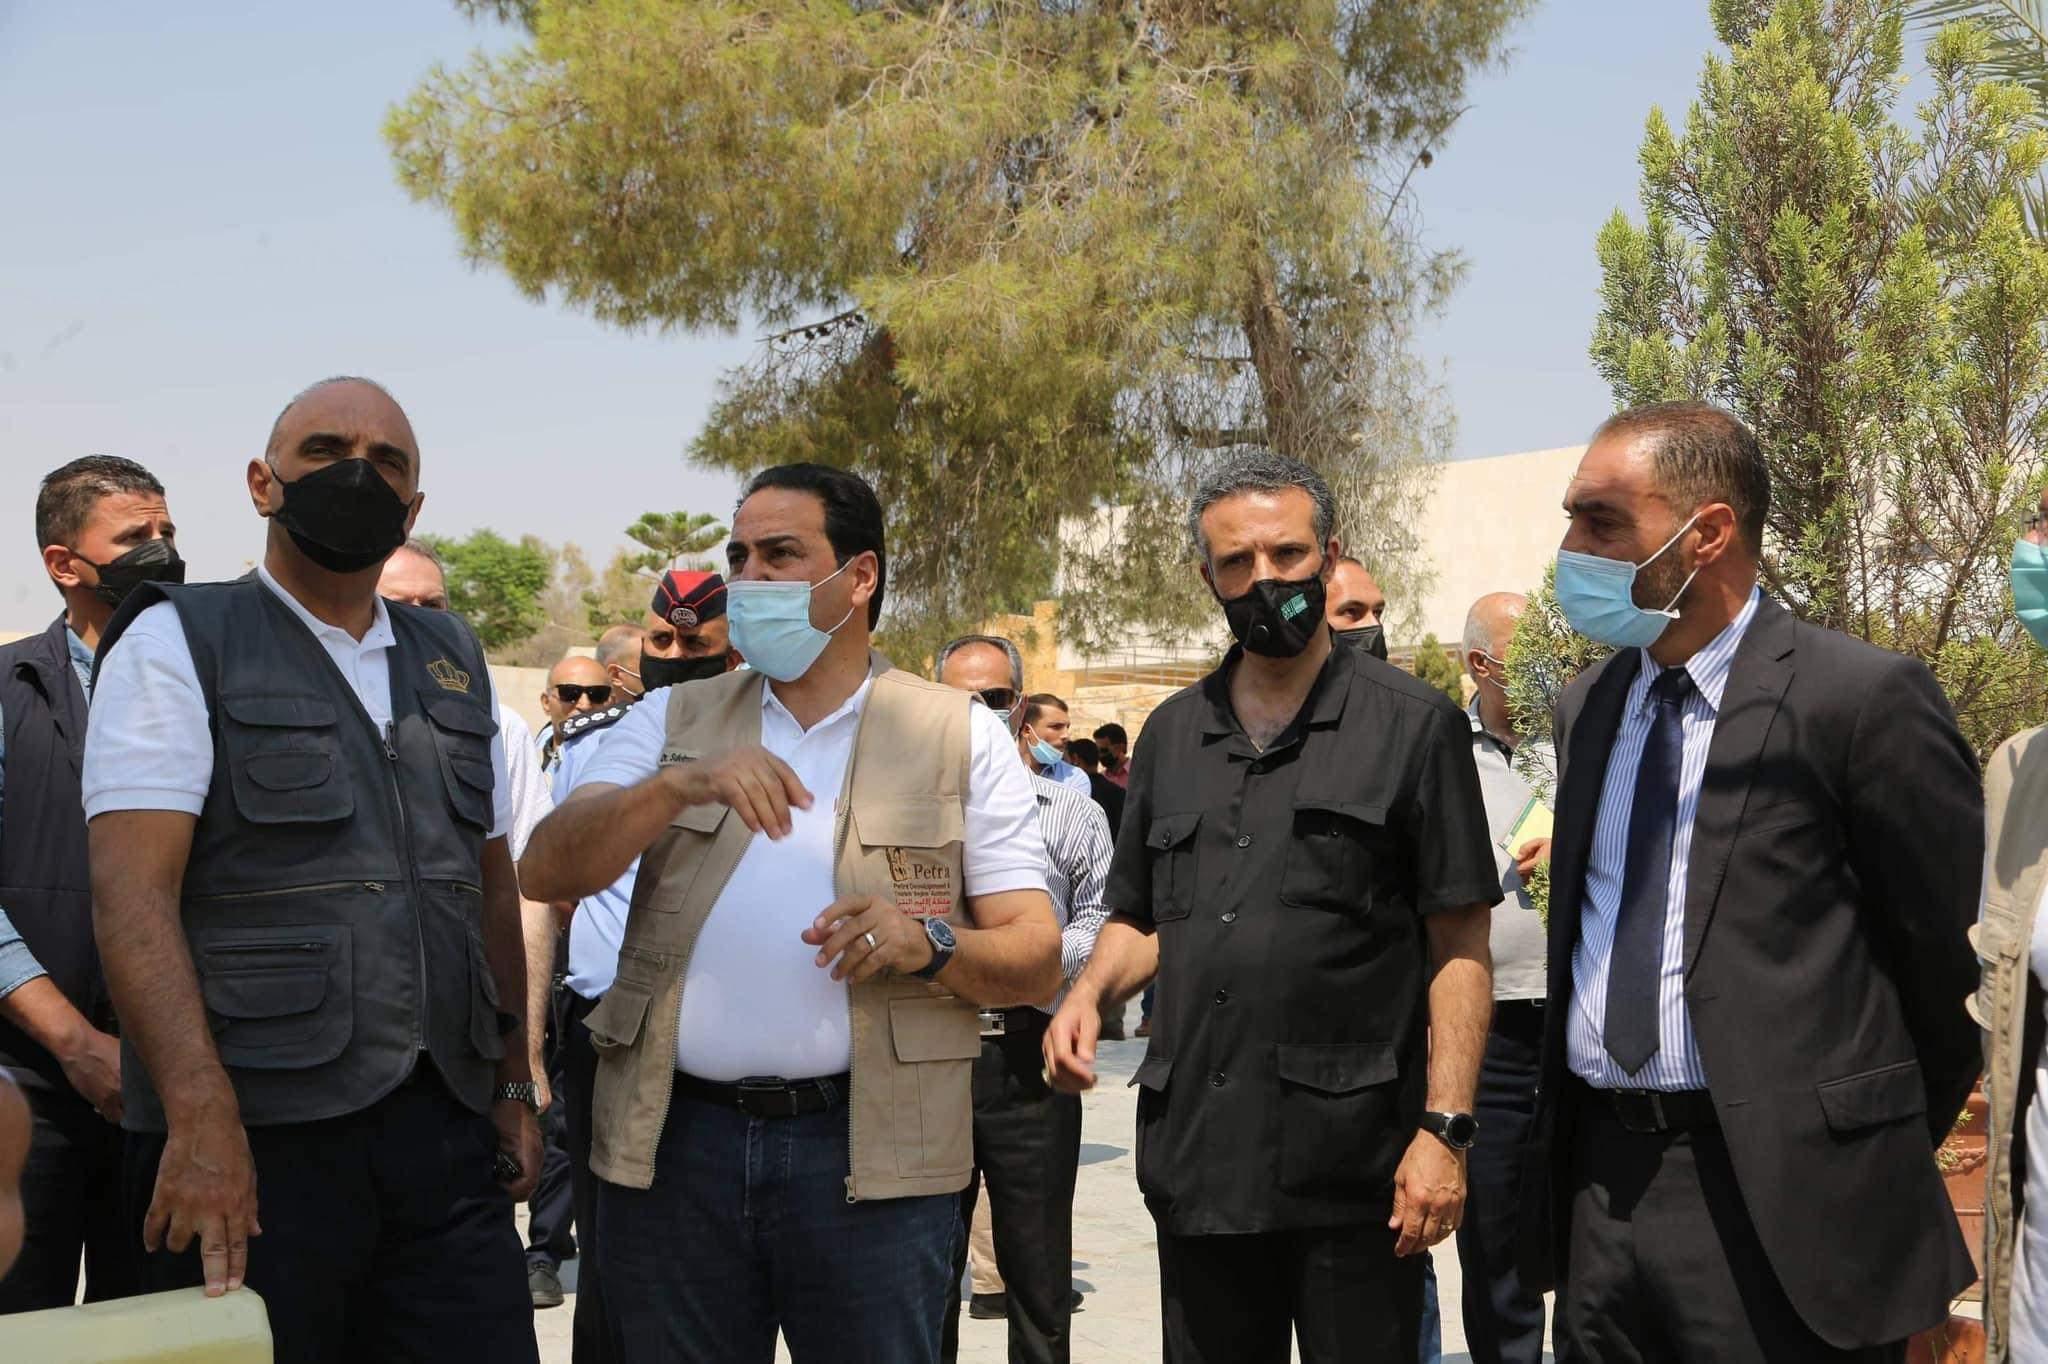 دولة رئيس الوزراء الدكتور بشر الخصاونة في زيارة ميدانية لمحمية البترا في سلطة إقليم البترا